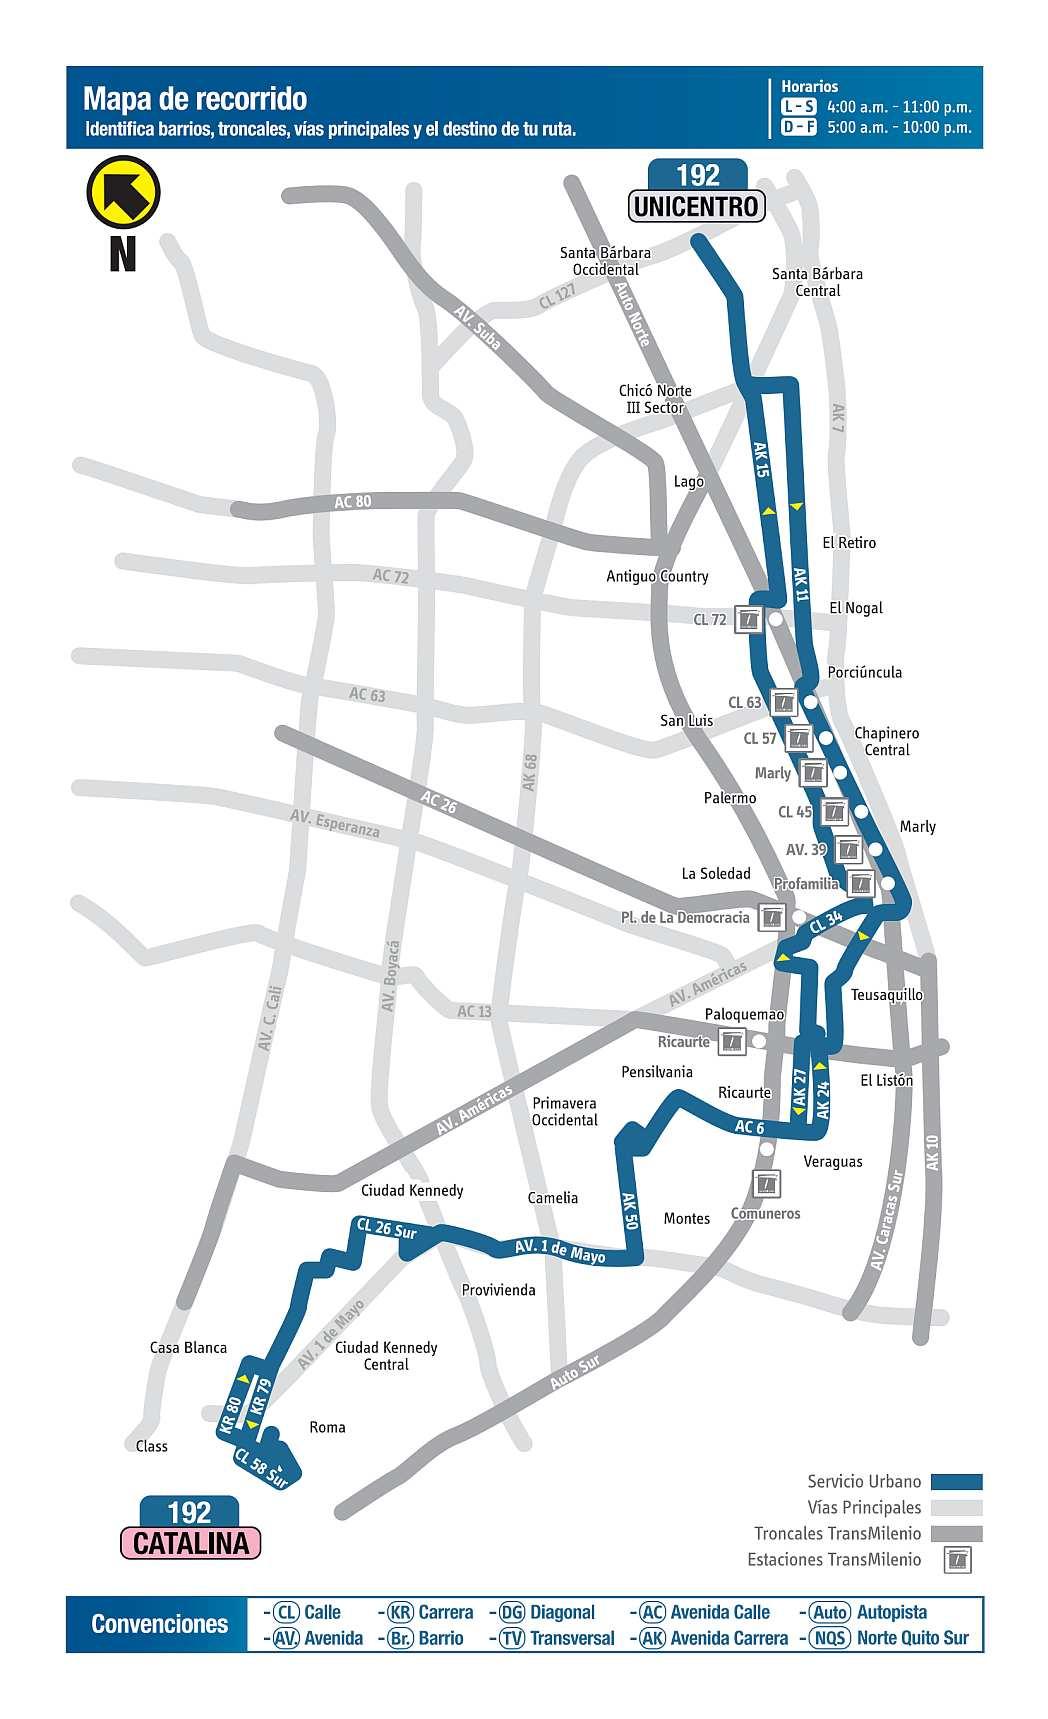 192 Catalina - Unicentro, mapa bus urbano